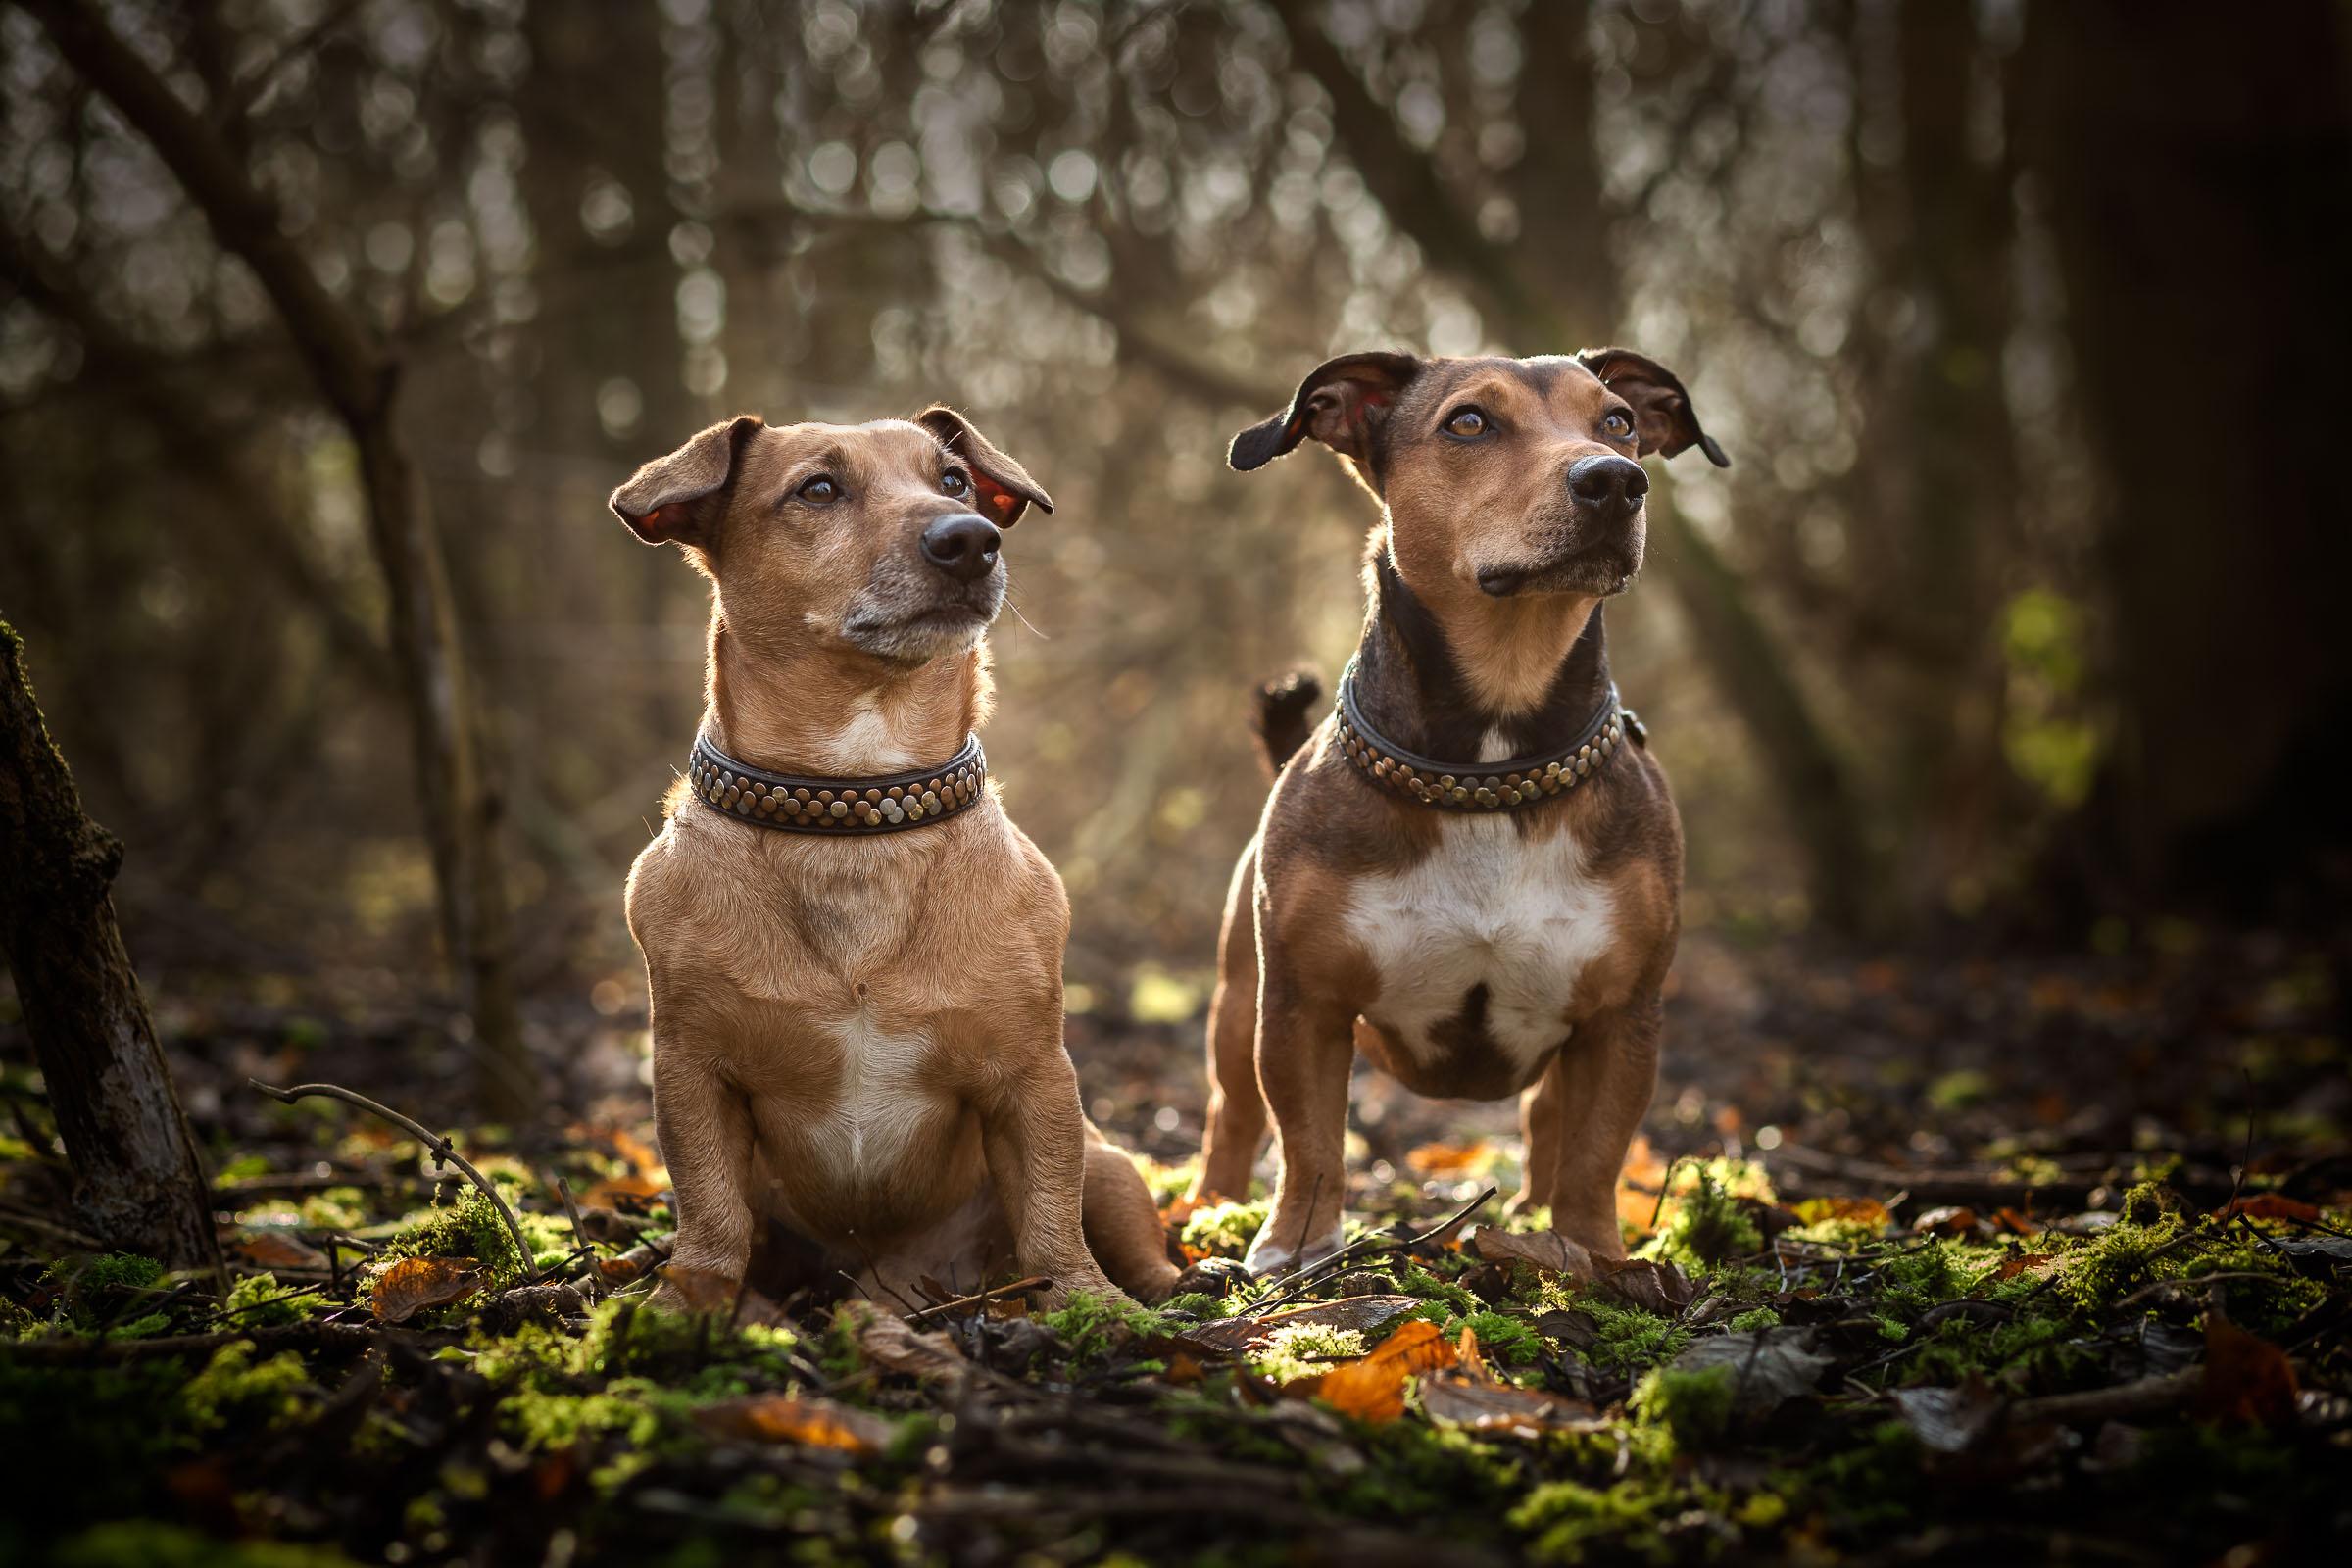 Twee Jack Russel hondjes poseren tijdens een fotoshoot in het bos